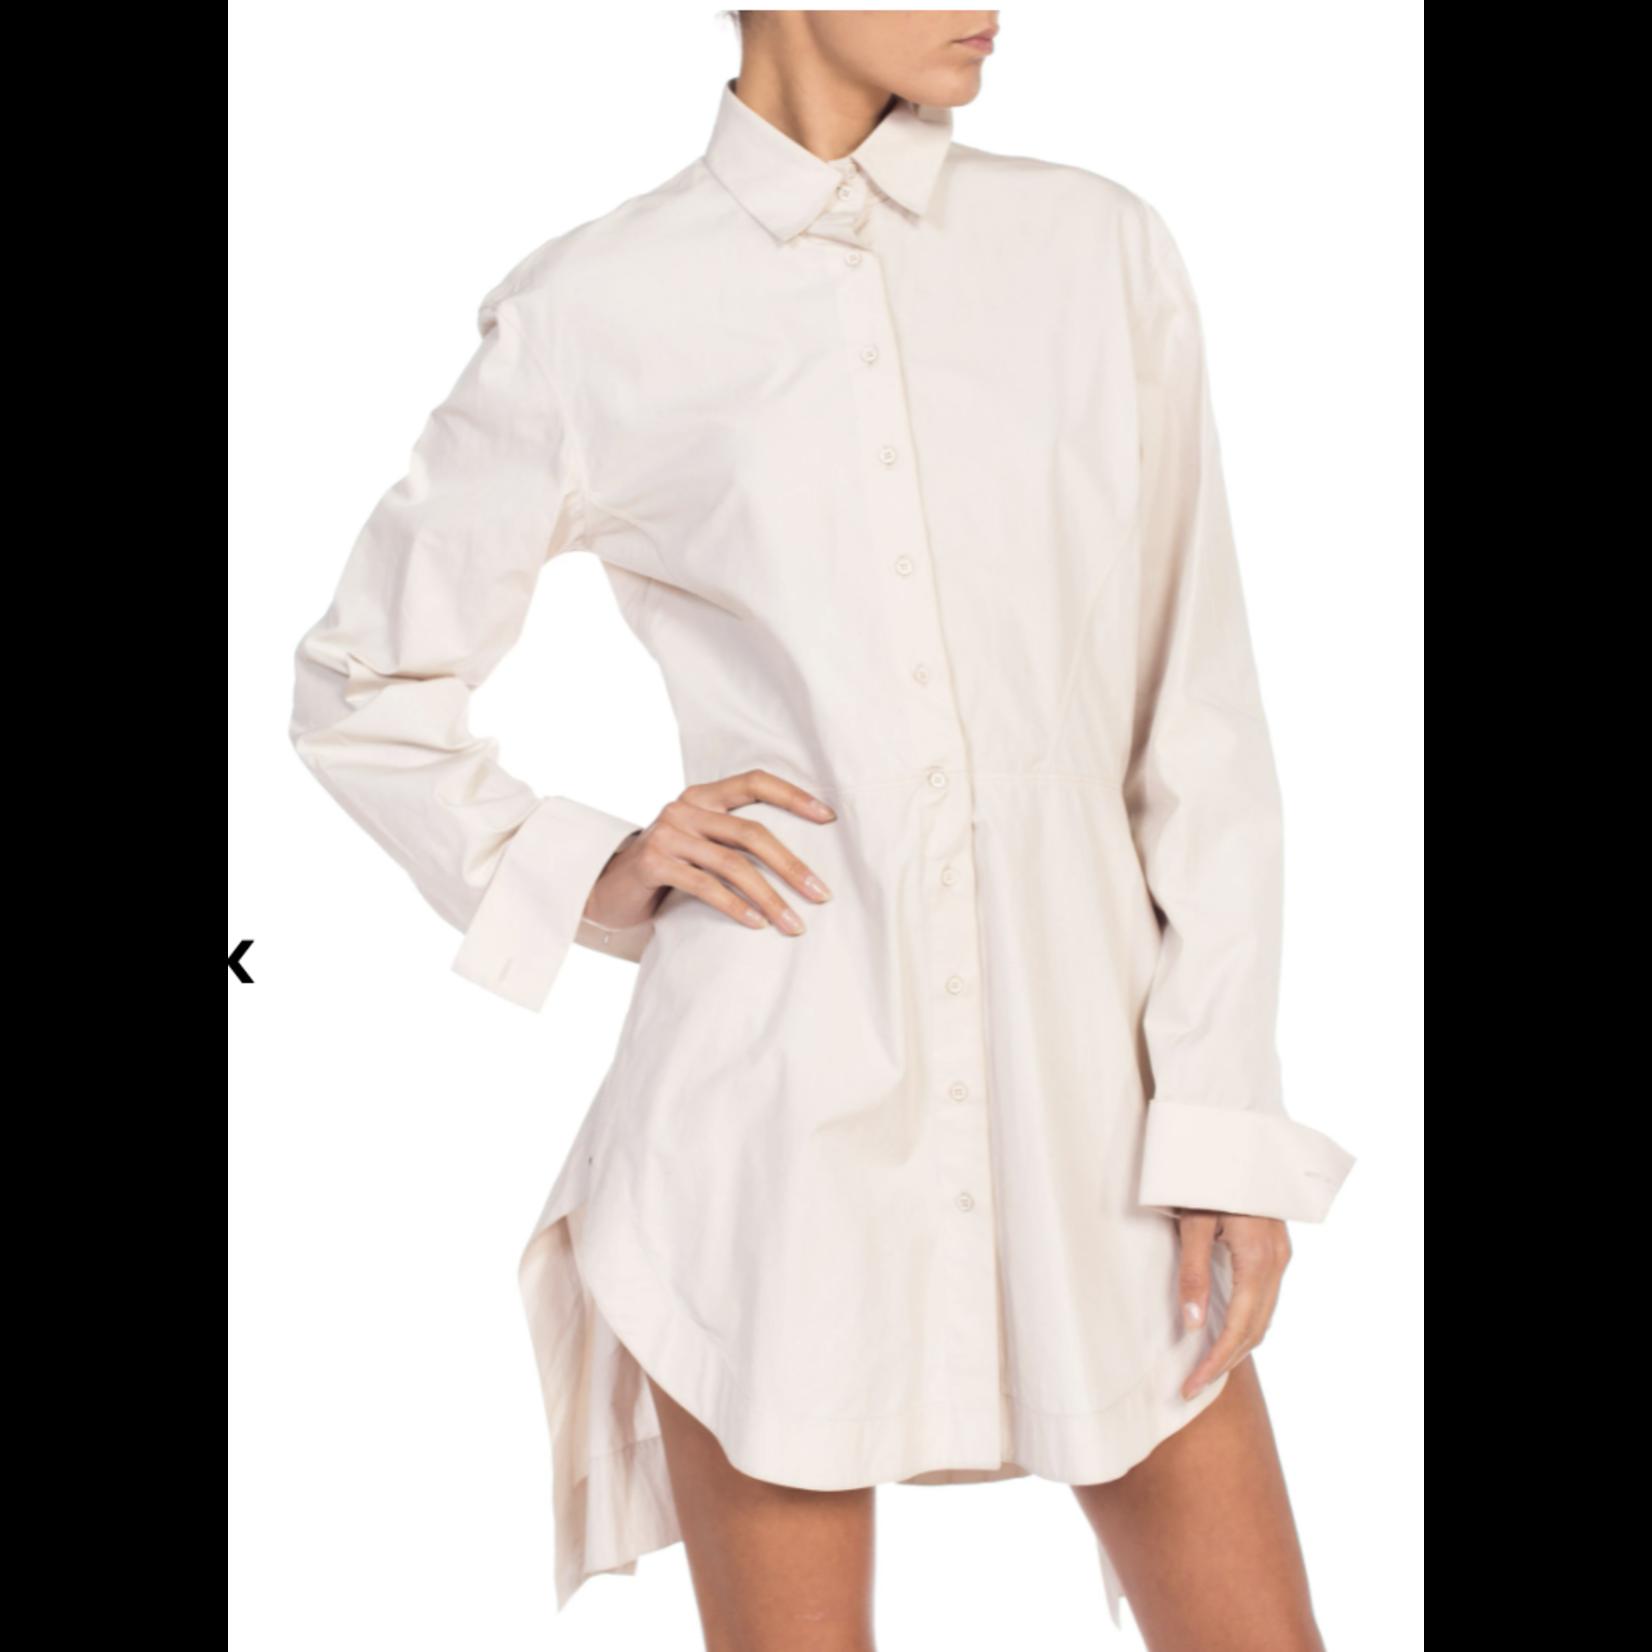 Morphew 1990s Azzedine Alaia Ecru Cotton Shirt Dress